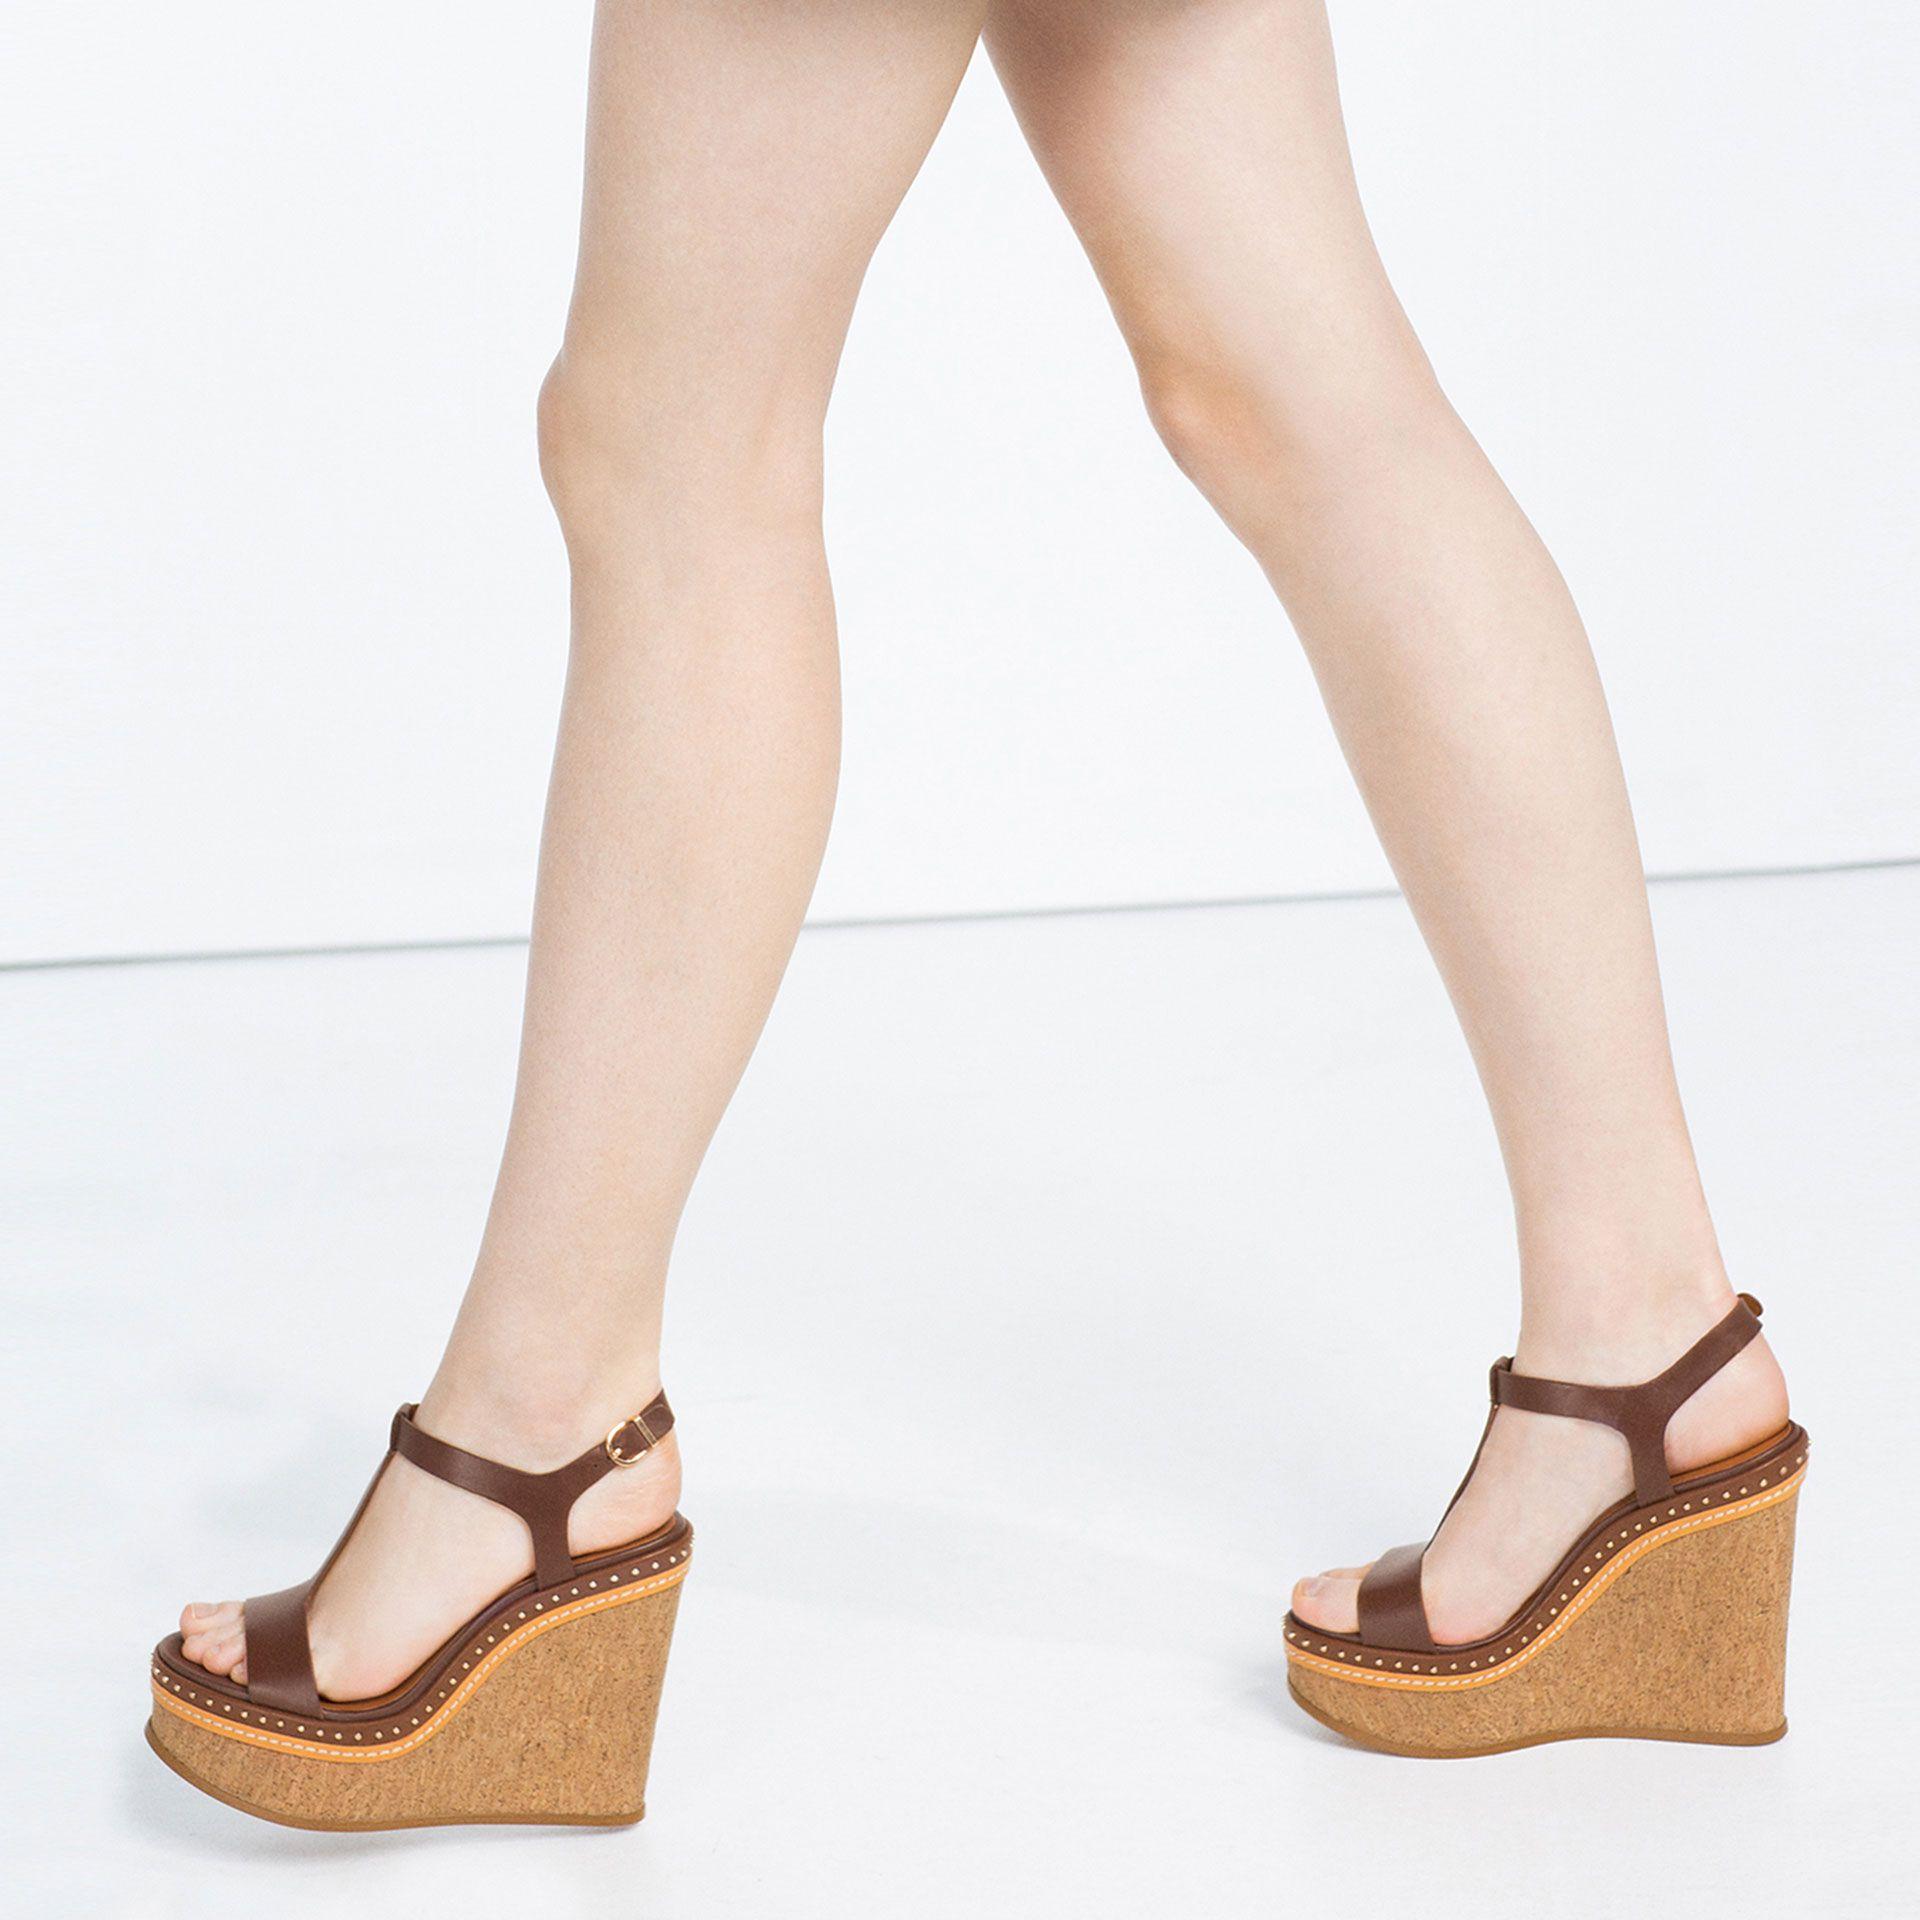 Skorzane Buty Na Koturnie Nabijane Niewielkimi Cwiekami Zobacz Wiecej Kobieta Nowosci Leather Wedges Shoes Studded Leather